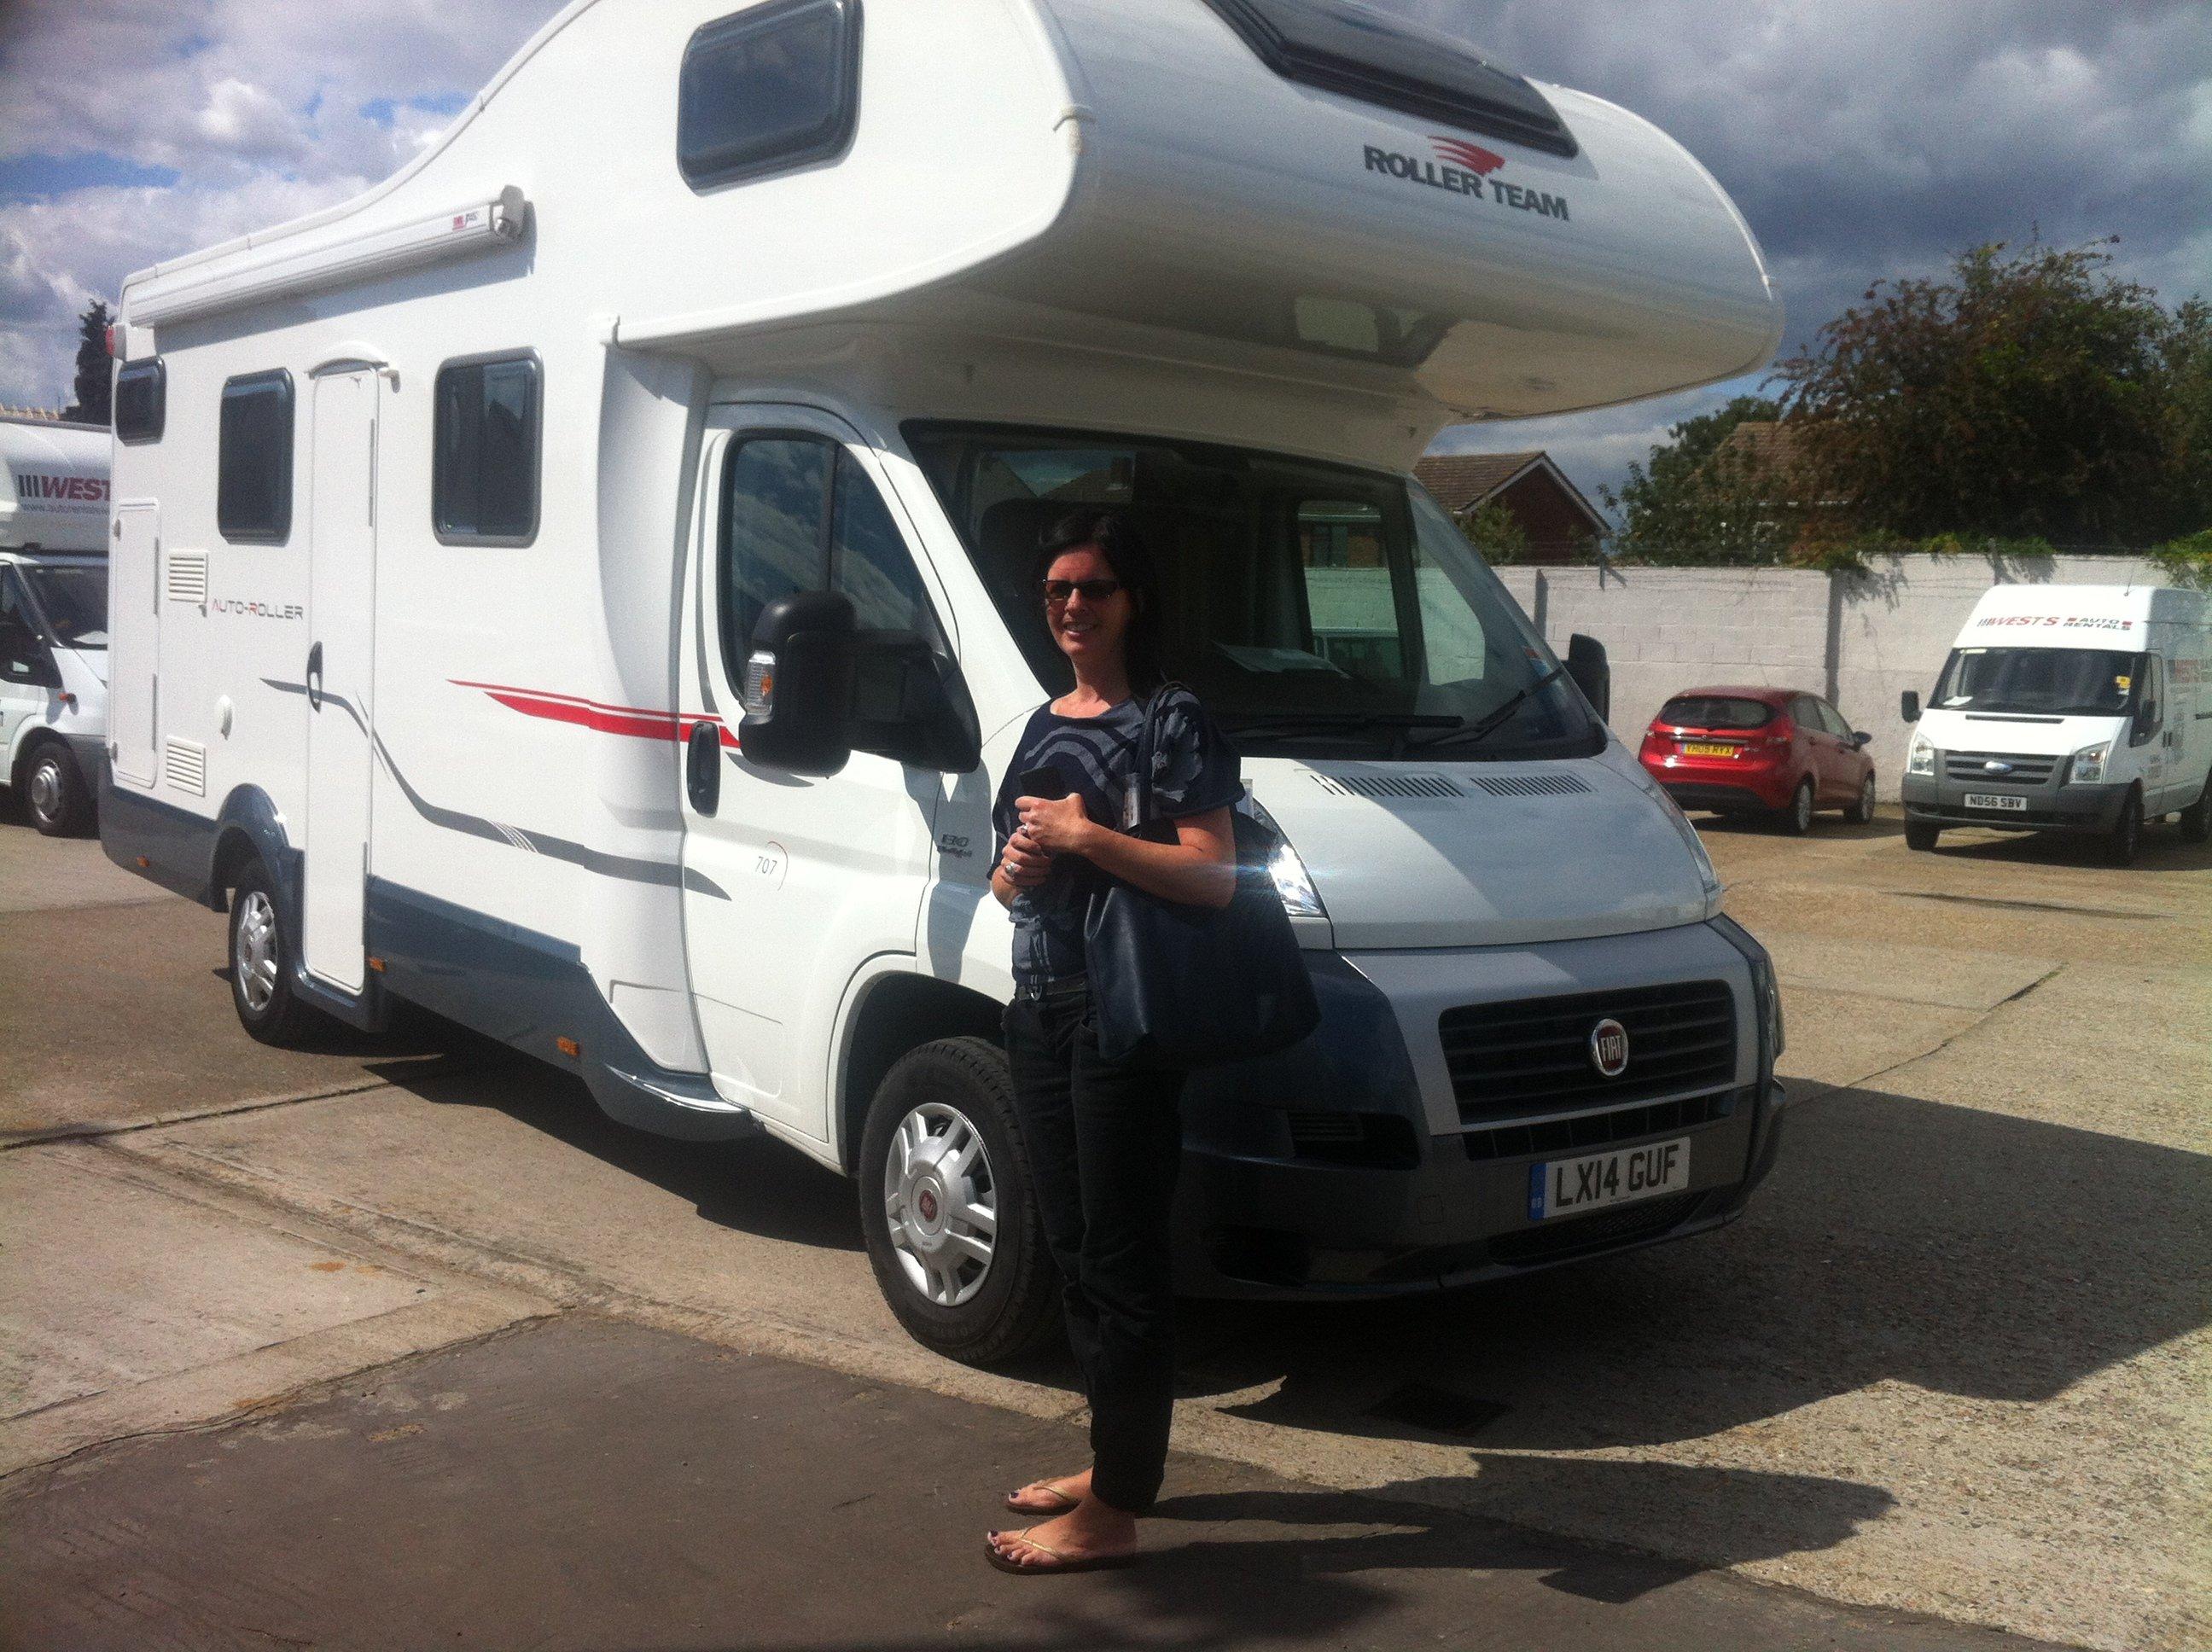 d07acd8ef6db65 Campervan Hire - Customer Gallery - Wests Motorhome Hire UK